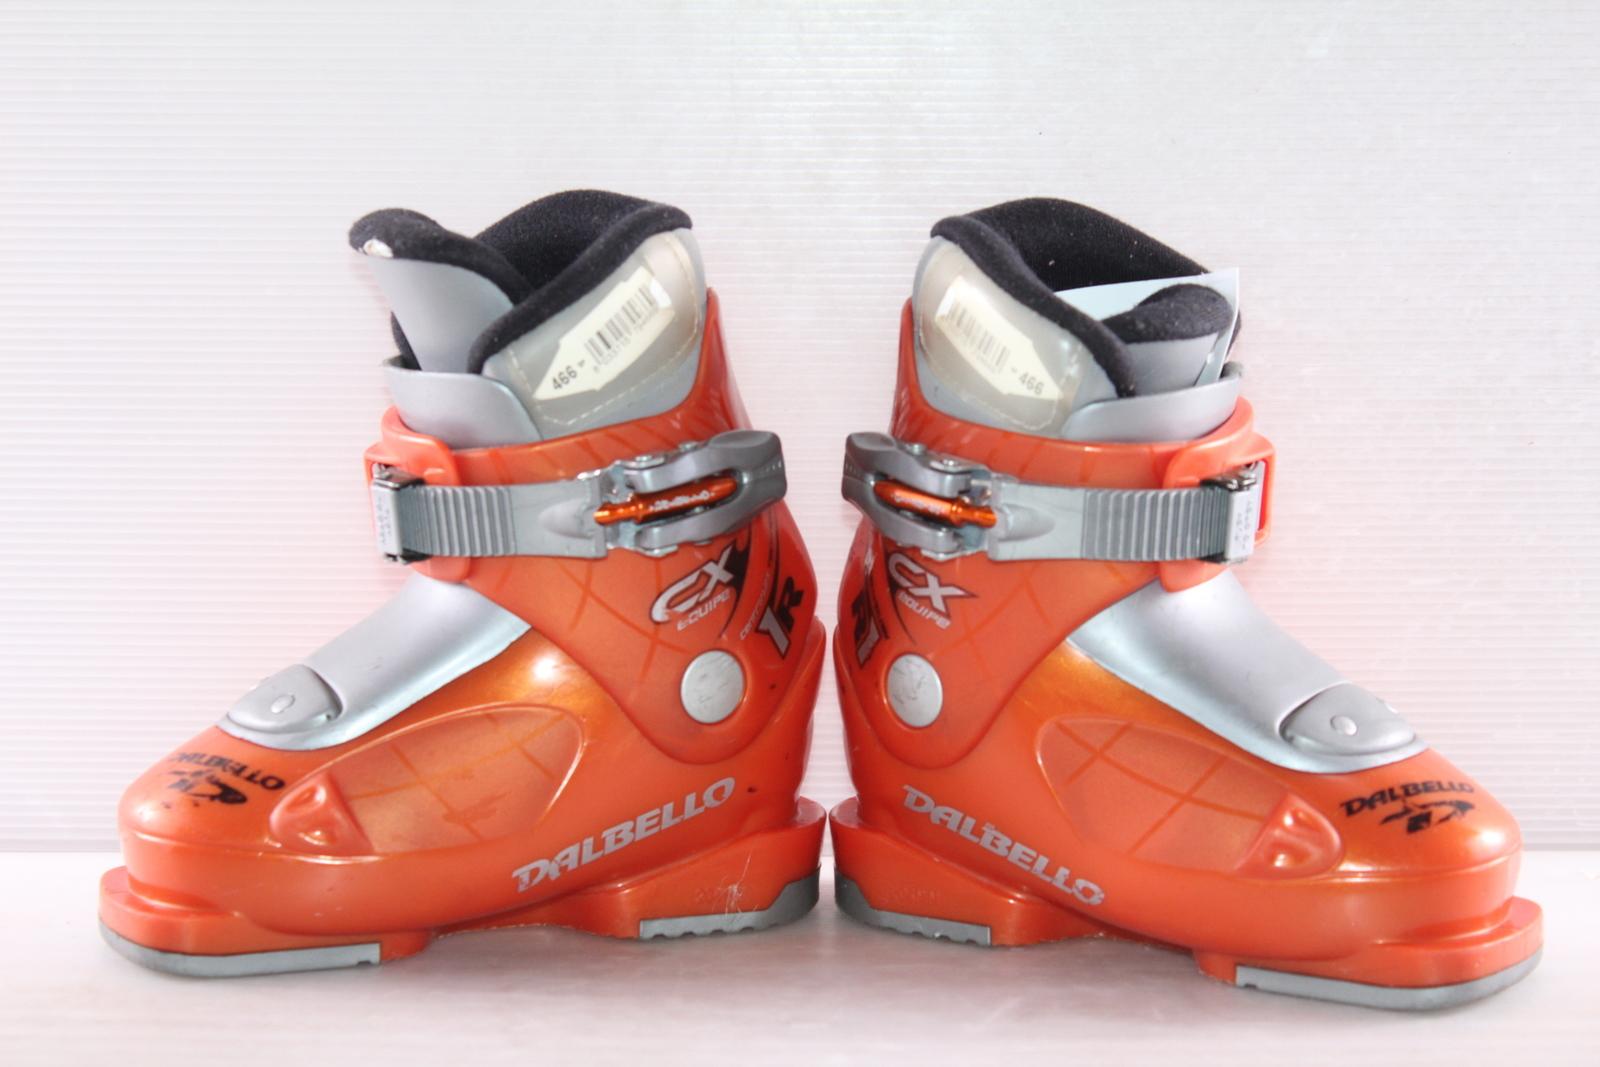 Dětské lyžáky Dalbello CX Equipe R1 vel. EU26.5